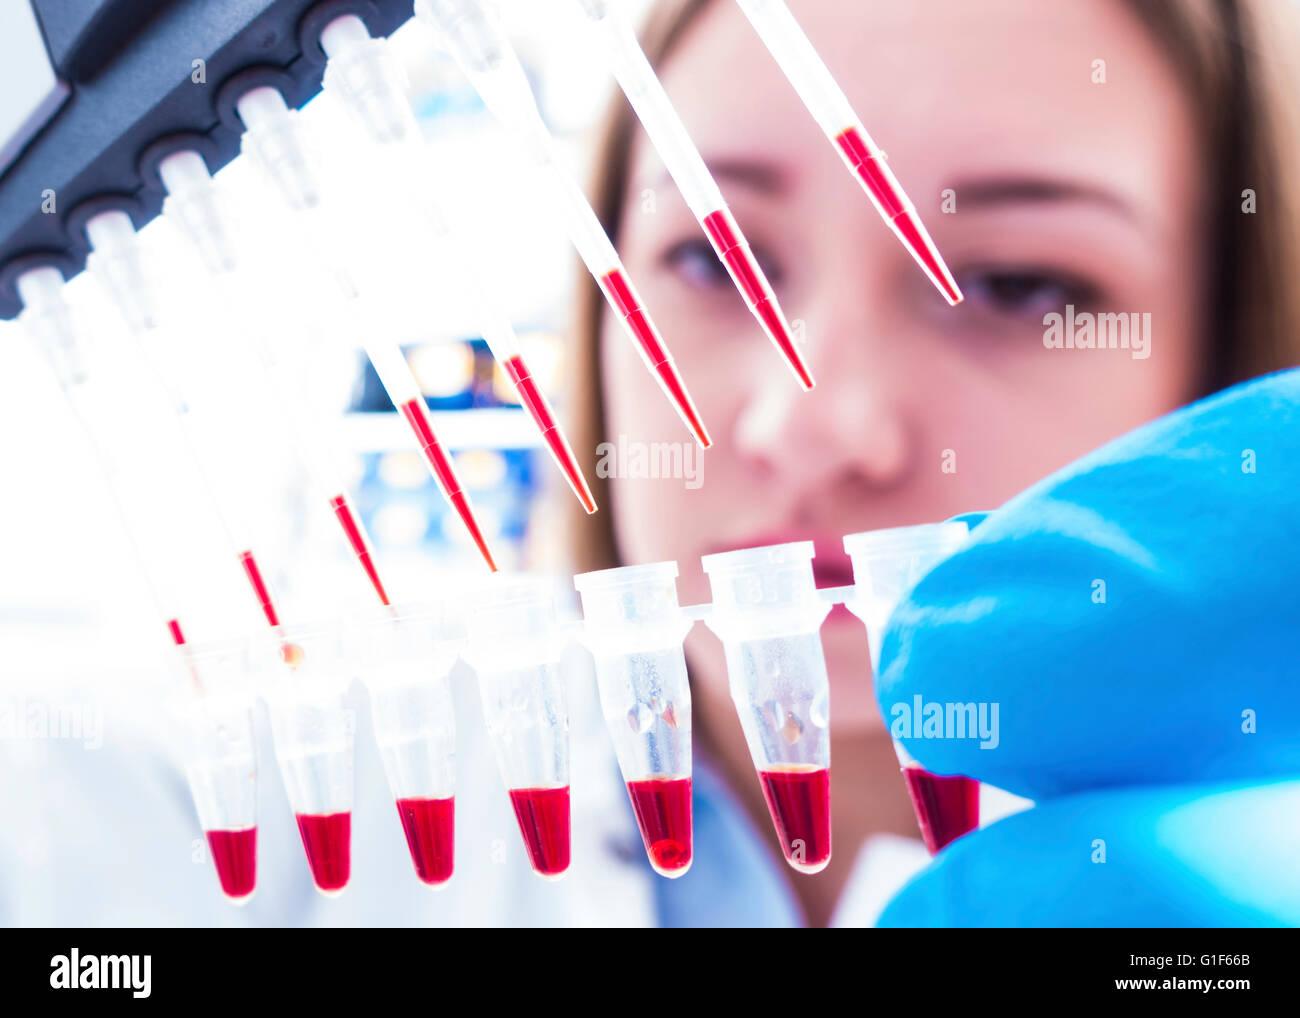 MODEL RELEASED. Female lab technician using micro pipette. - Stock Image